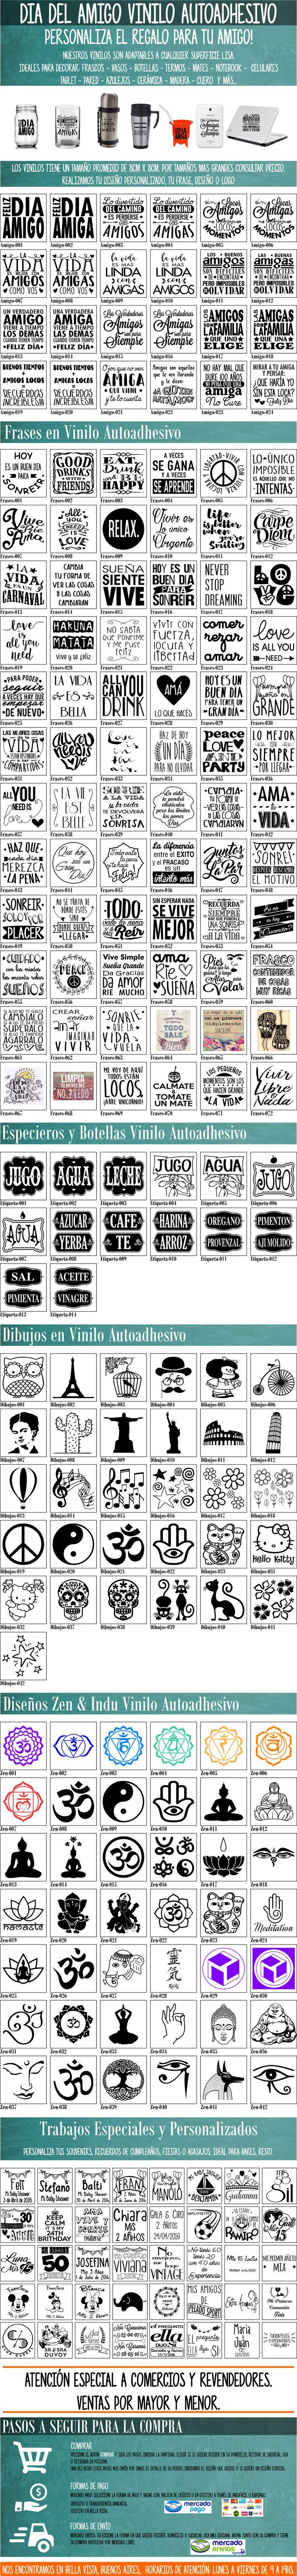 Dia Del Amigo-vinilo-autoadhesivo-frasco-frases-personalizad - $ 10,00